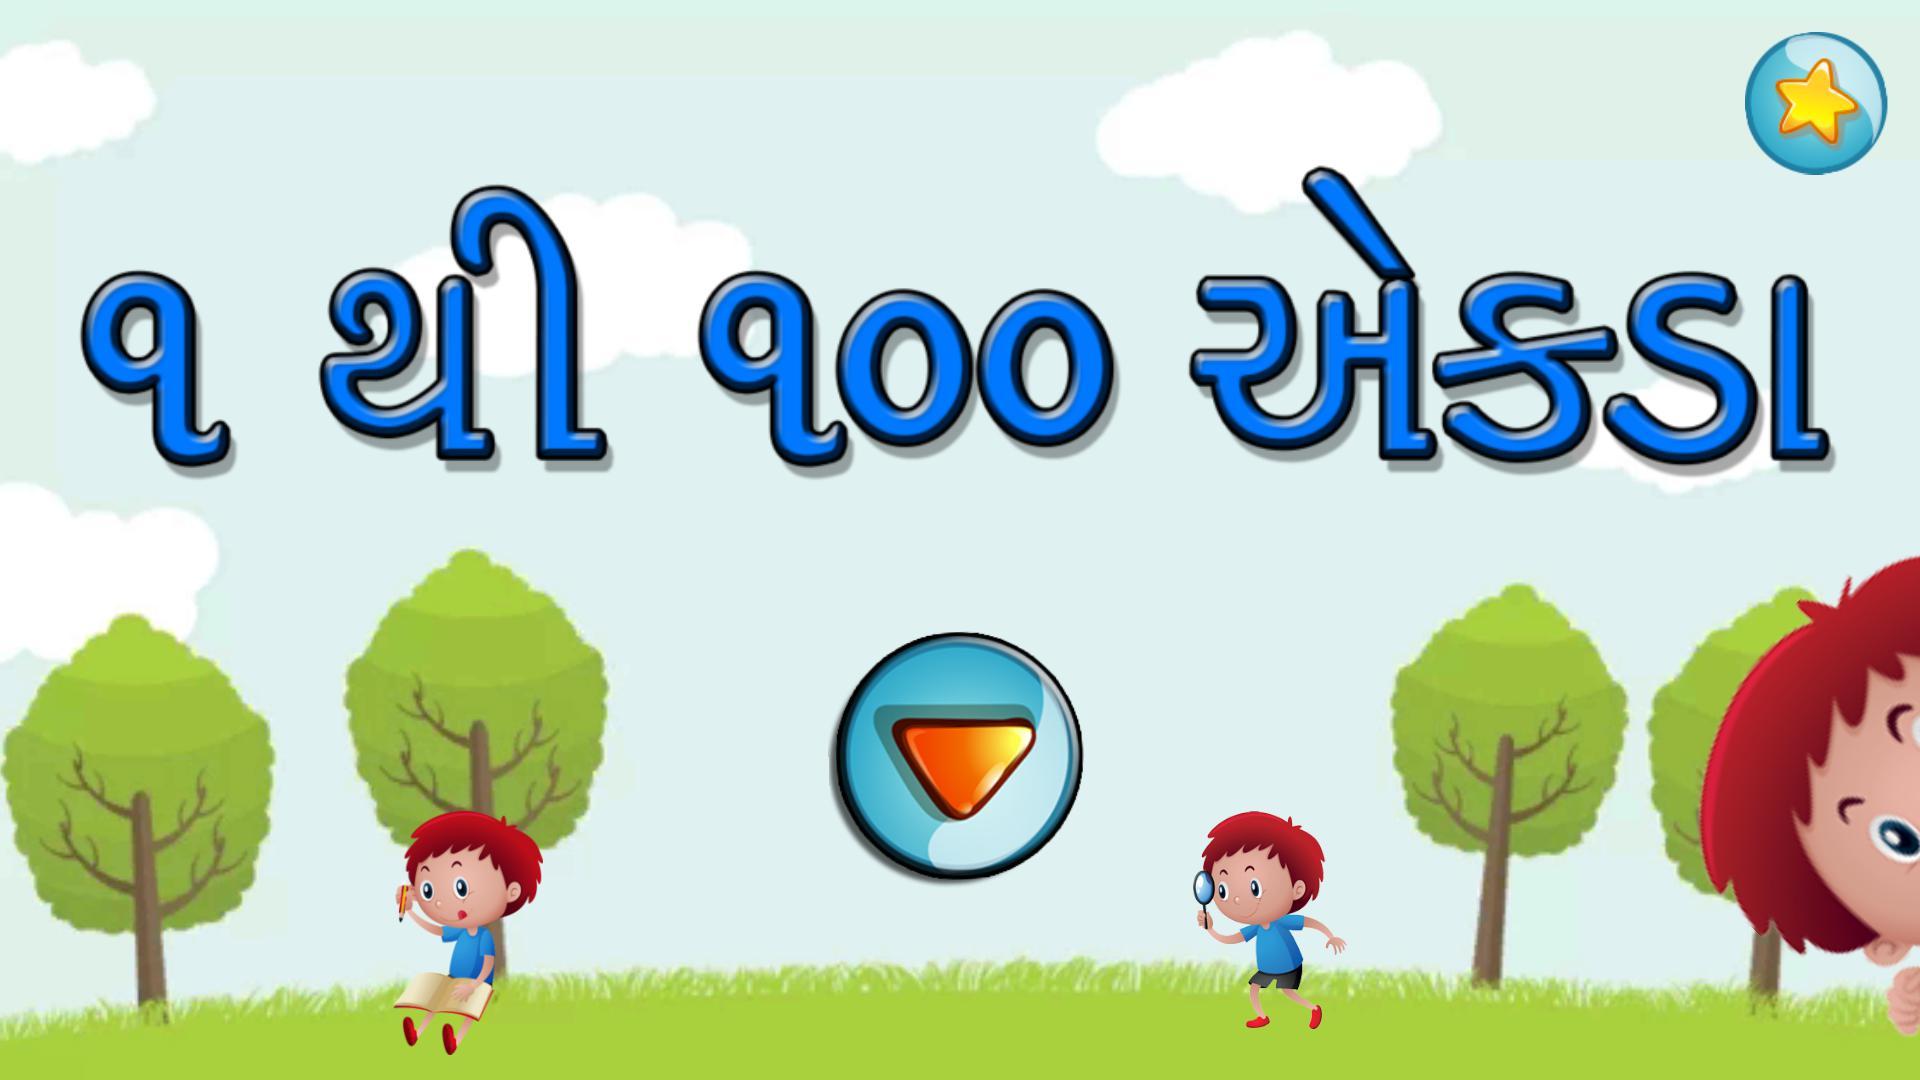 Kids Gujarati - 1 to 100 Gujarati Ank learning 游戏截图1